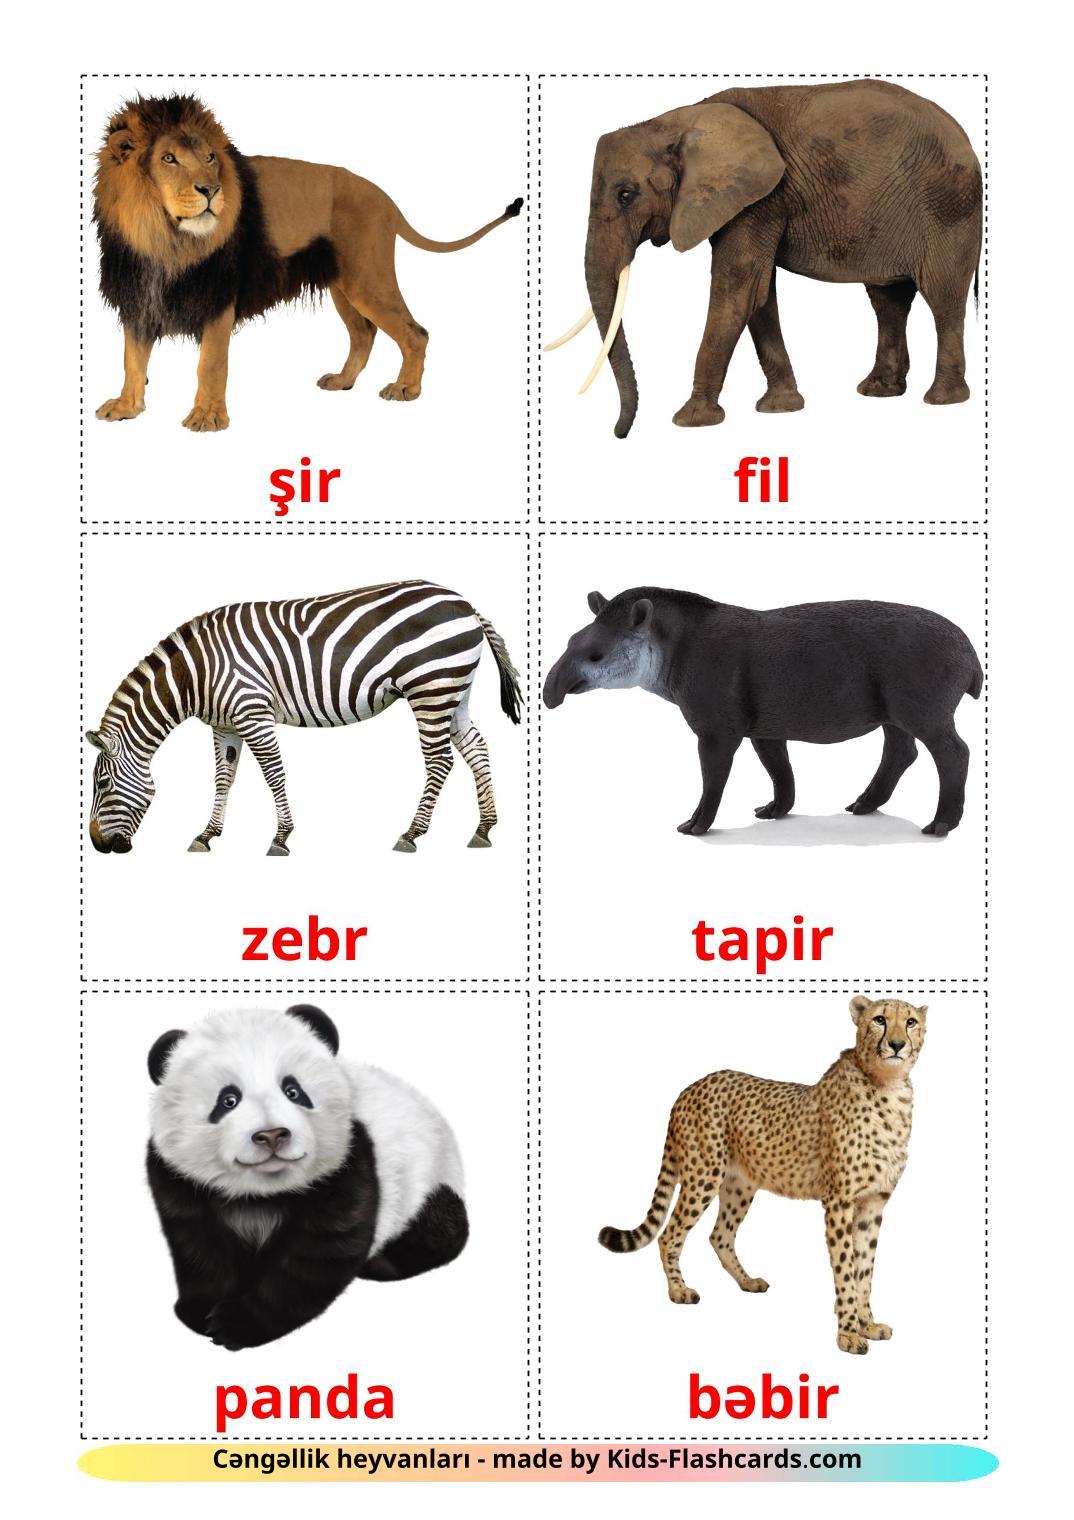 Jungle animals - 21 Free Printable azerbaijani Flashcards